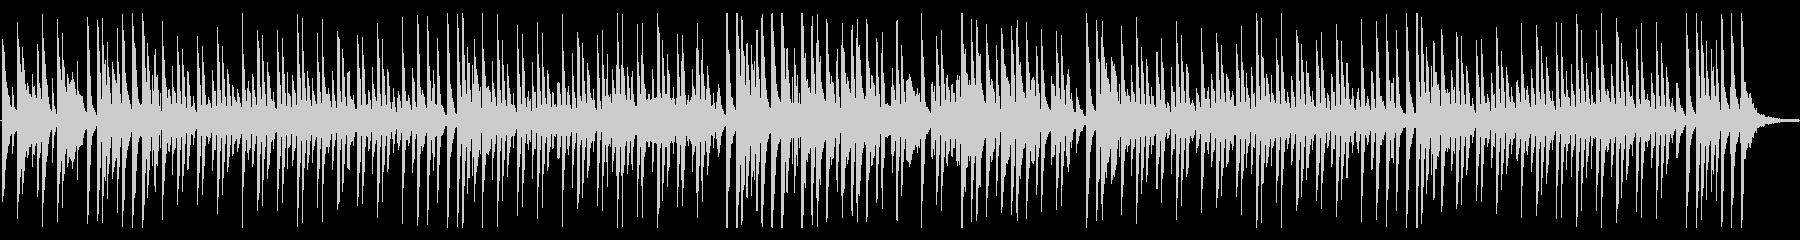 ほのぼの日常、コミカルでルンルンな曲Bの未再生の波形